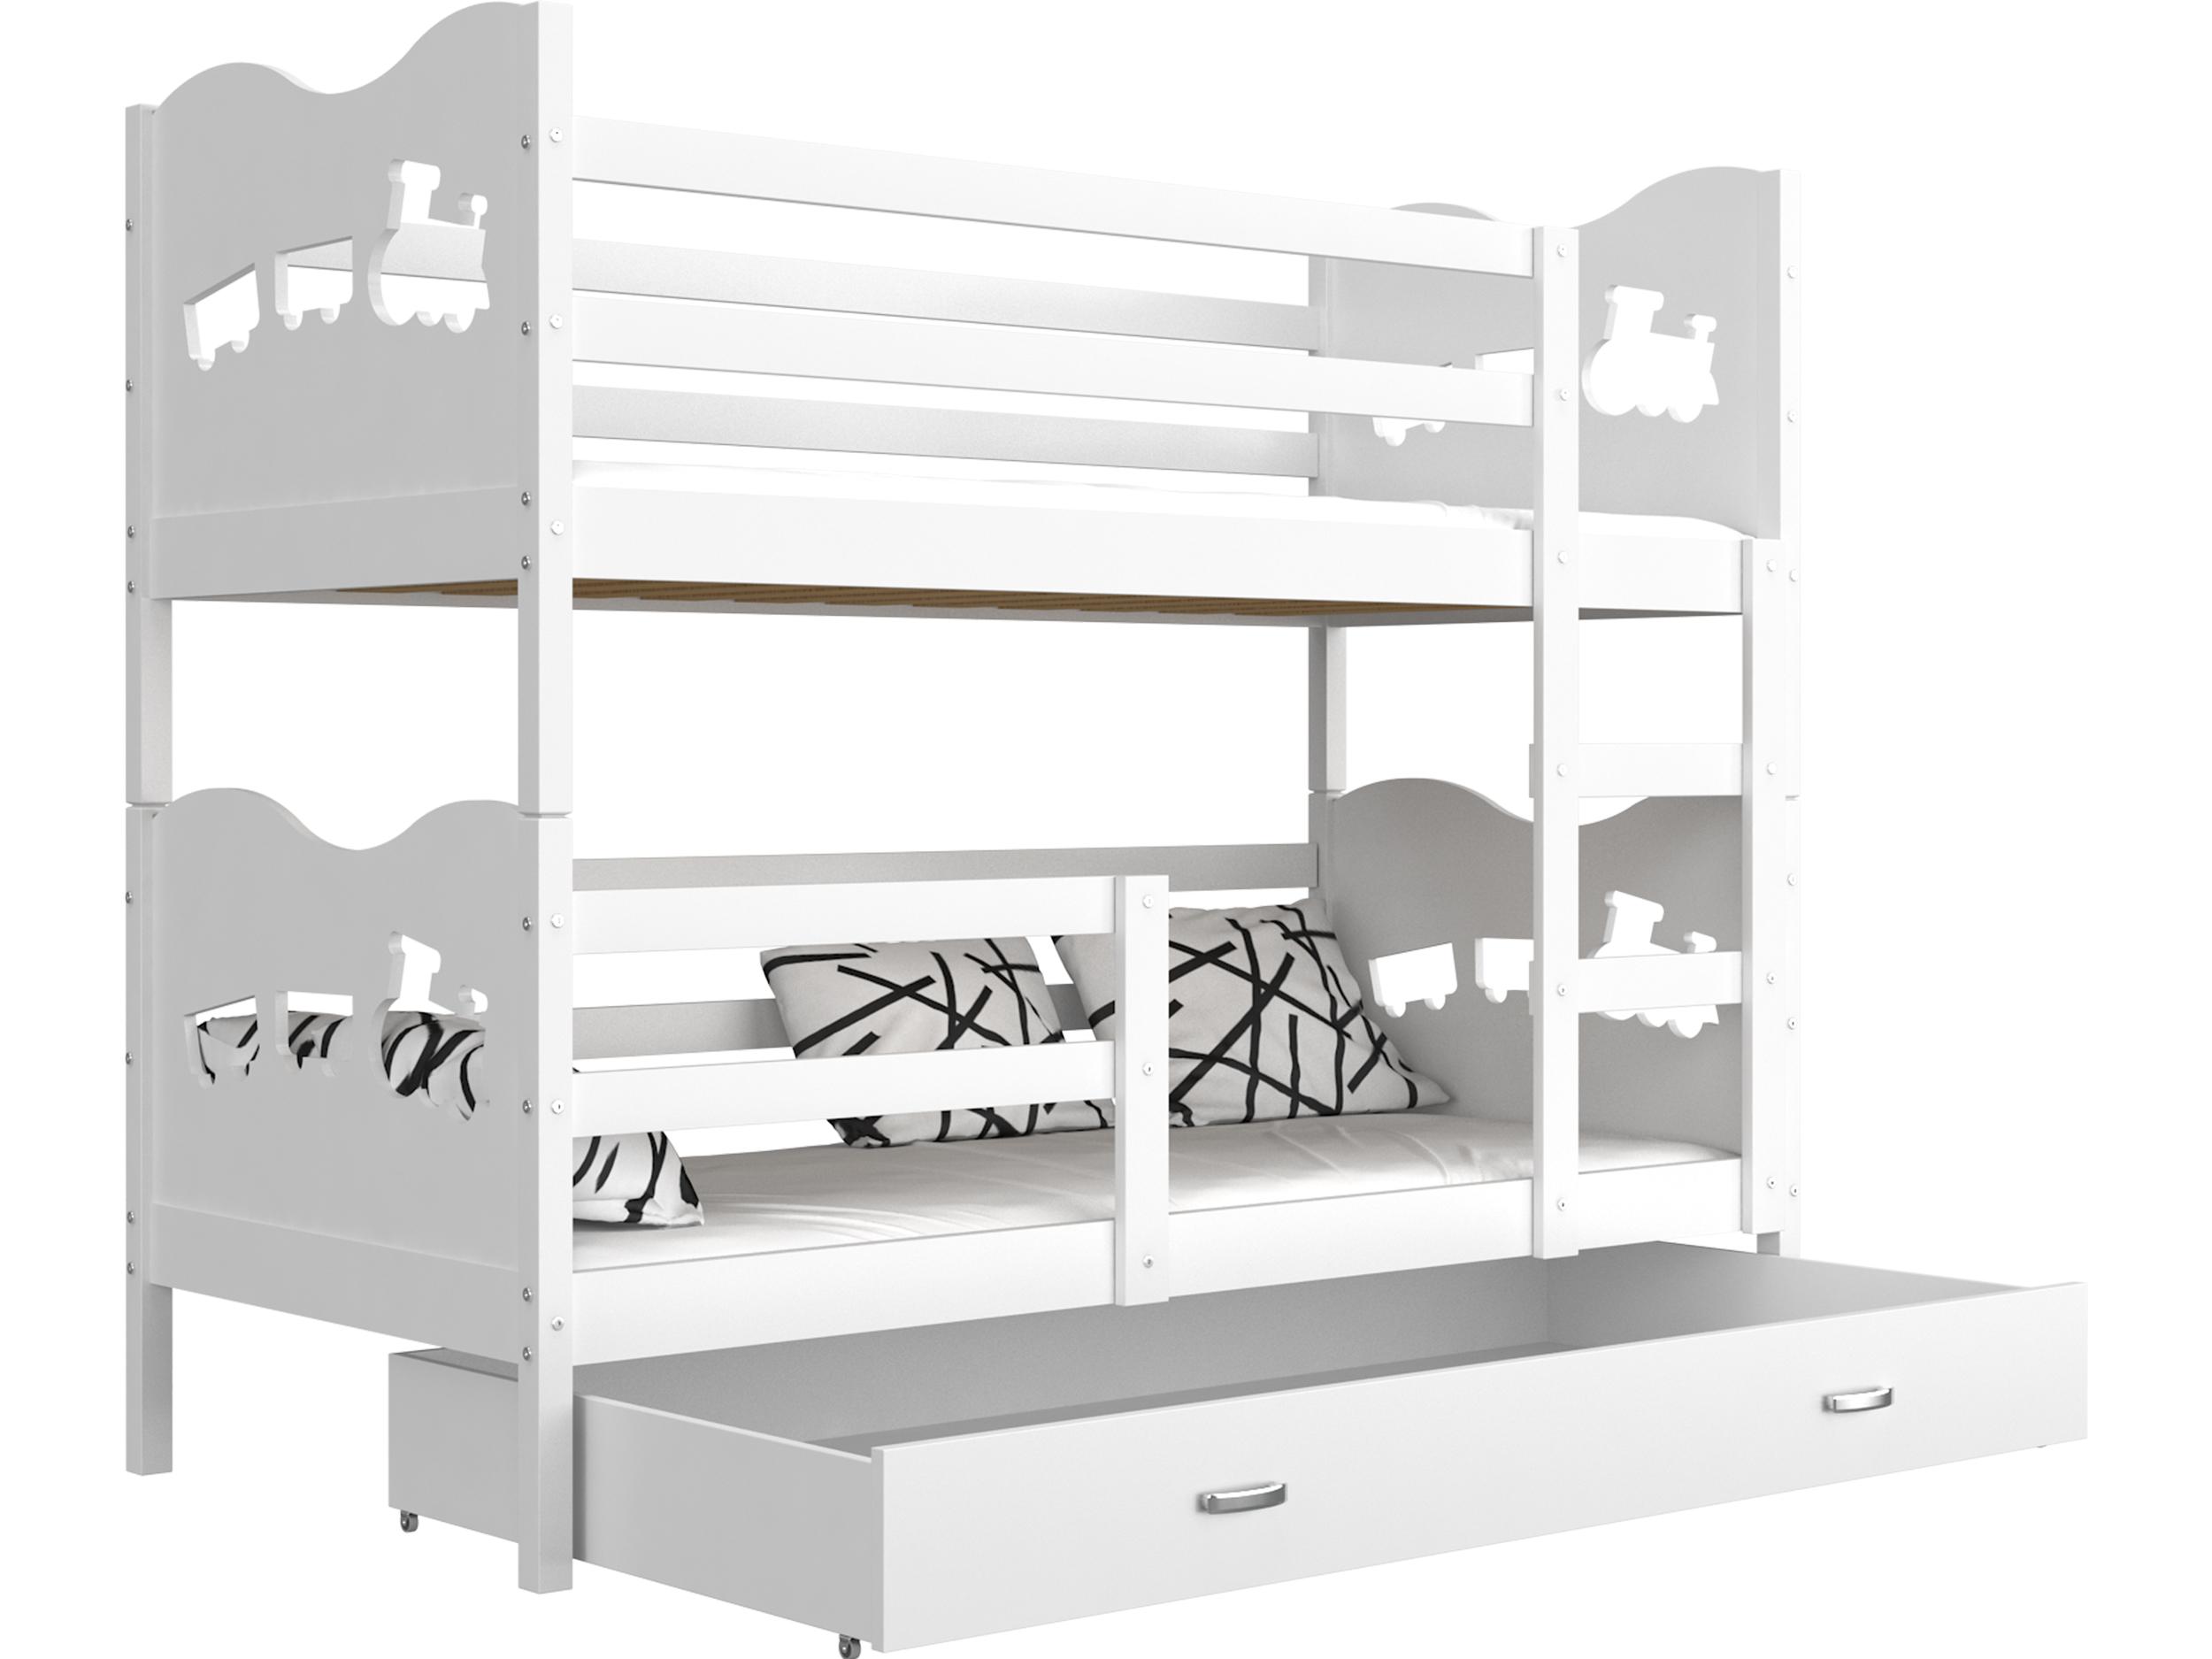 ArtAJ Detská poschodová posteľ MAX / MDF 160 x 80 cm Farba: Biela / biela, s matracom 160 x 80 cm